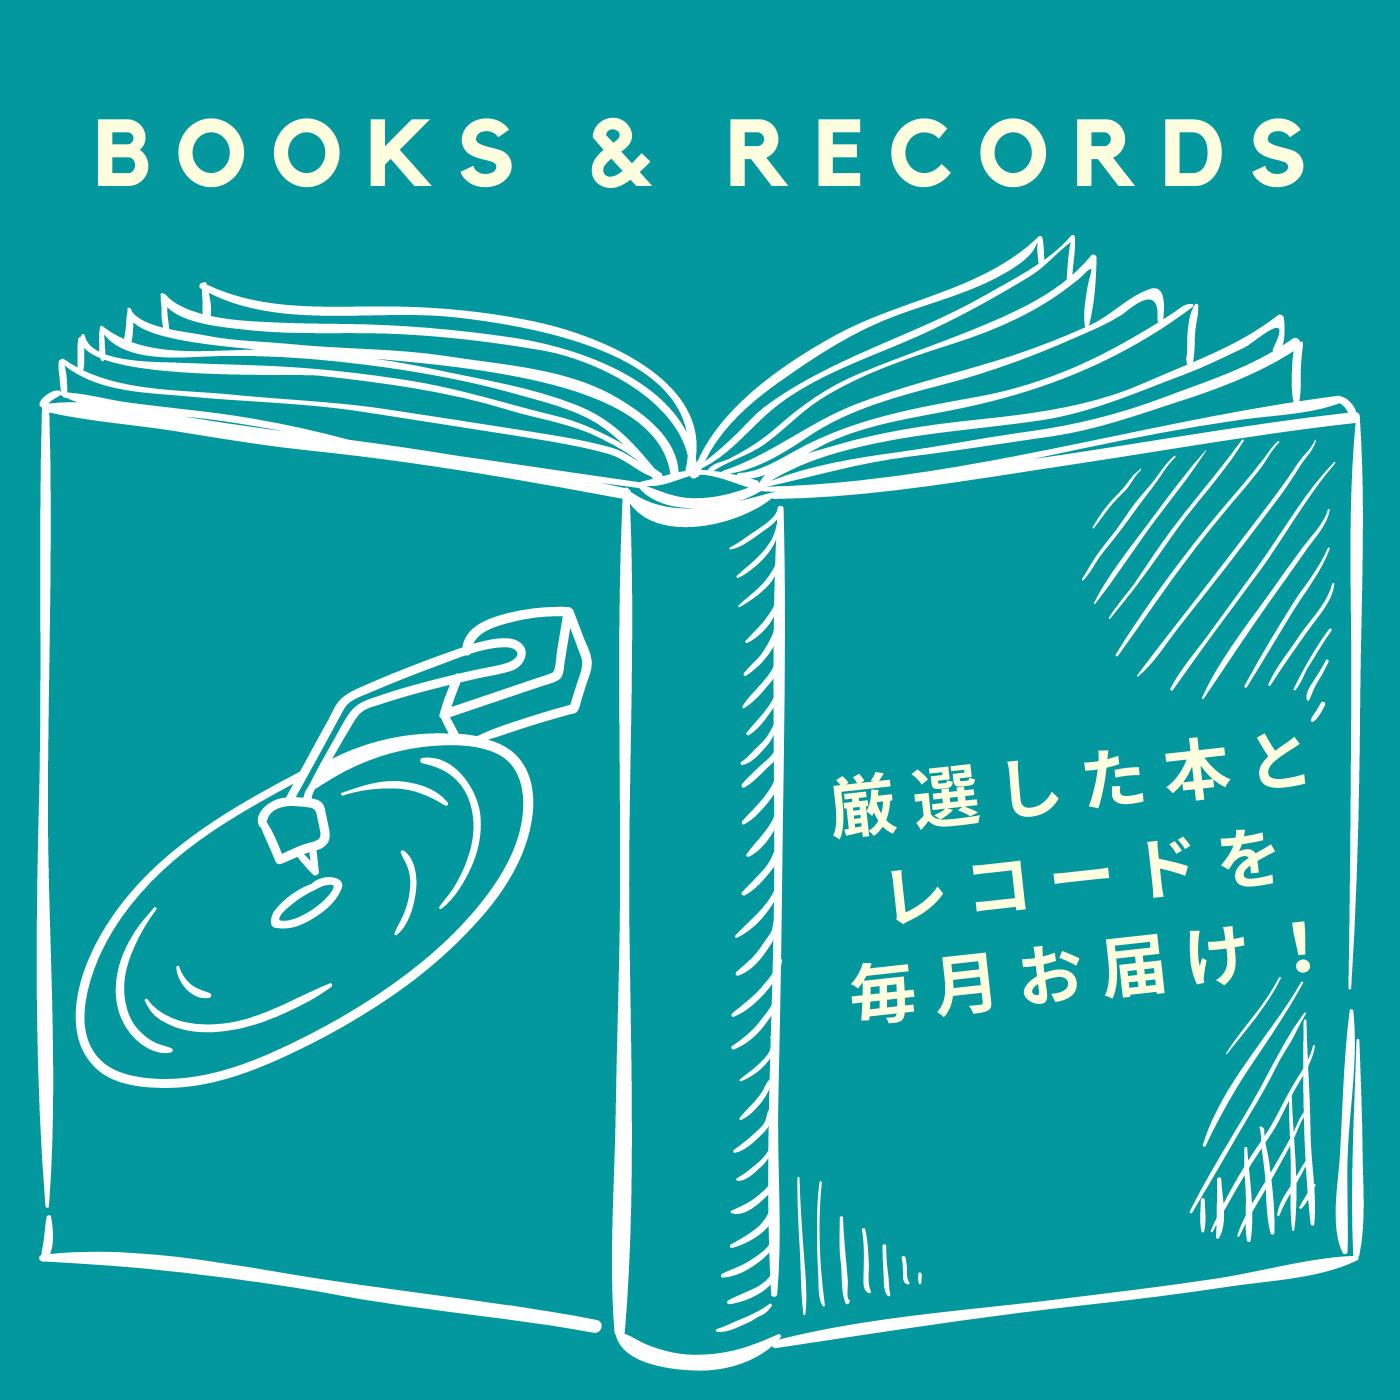 音楽知識を深掘る書籍と厳選されたレコードが毎月ご自宅に届くスペシャルBOX